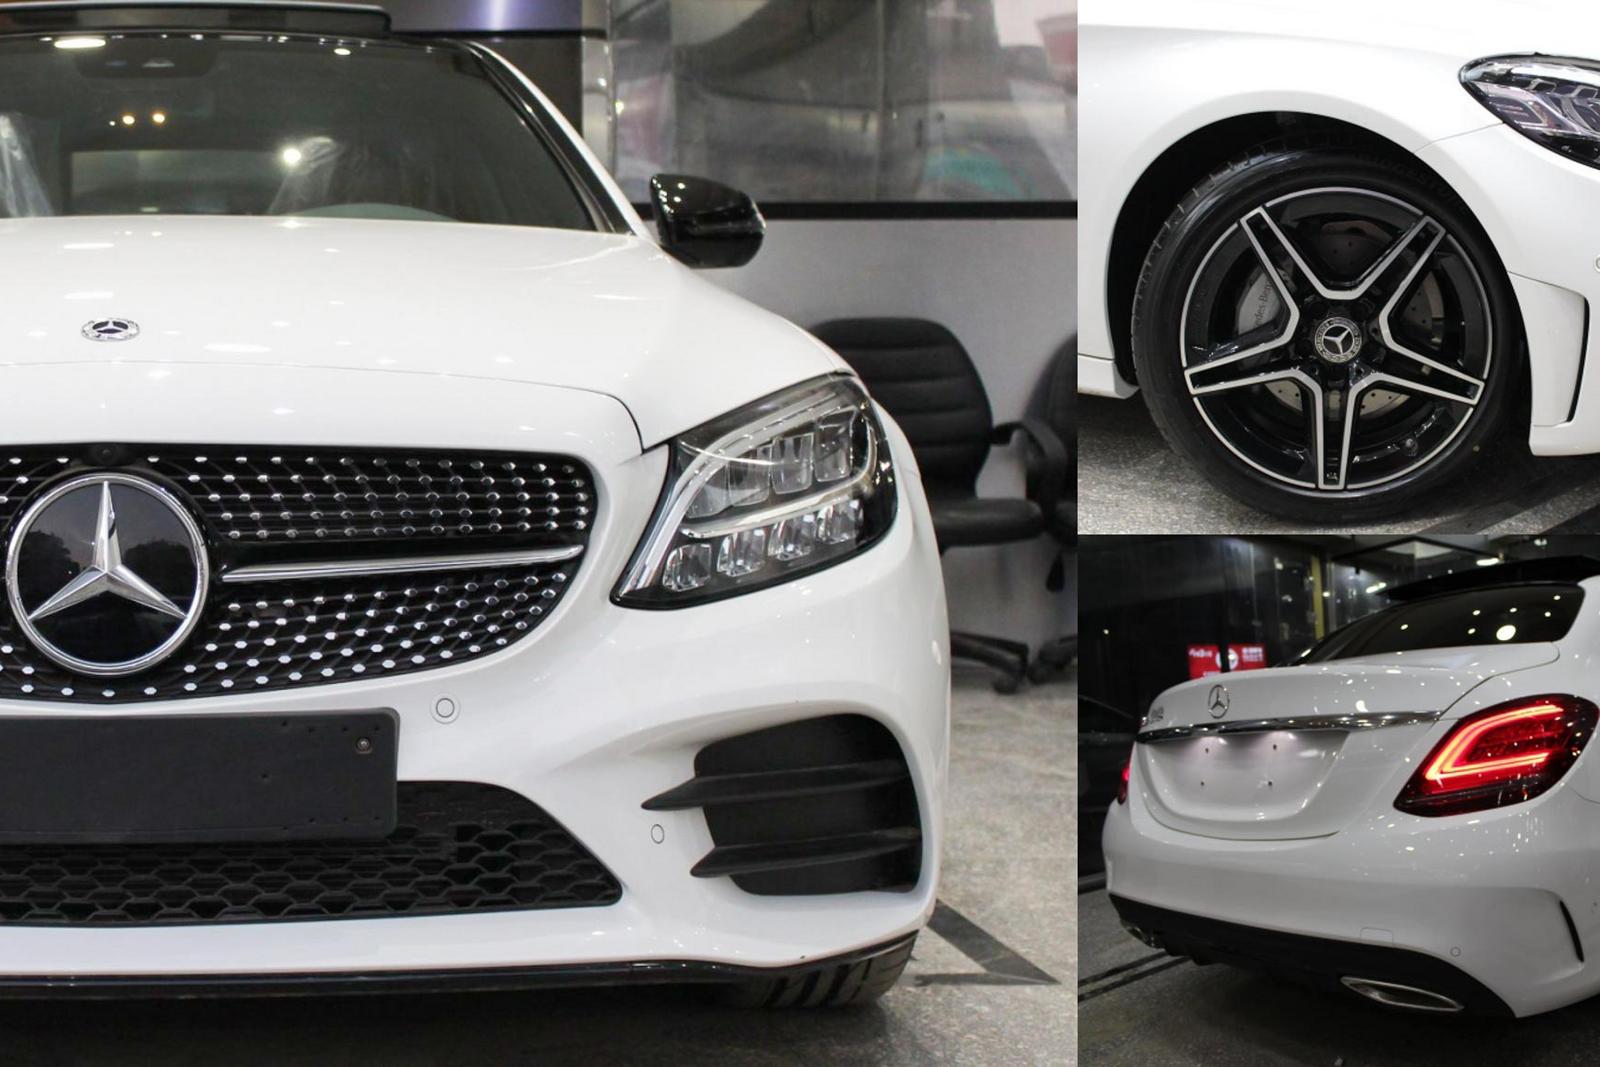 Sau Malaysia, Mercedes-Benz Việt Nam sắp sửa giới thiệu C-Class 2019? - Hình 1